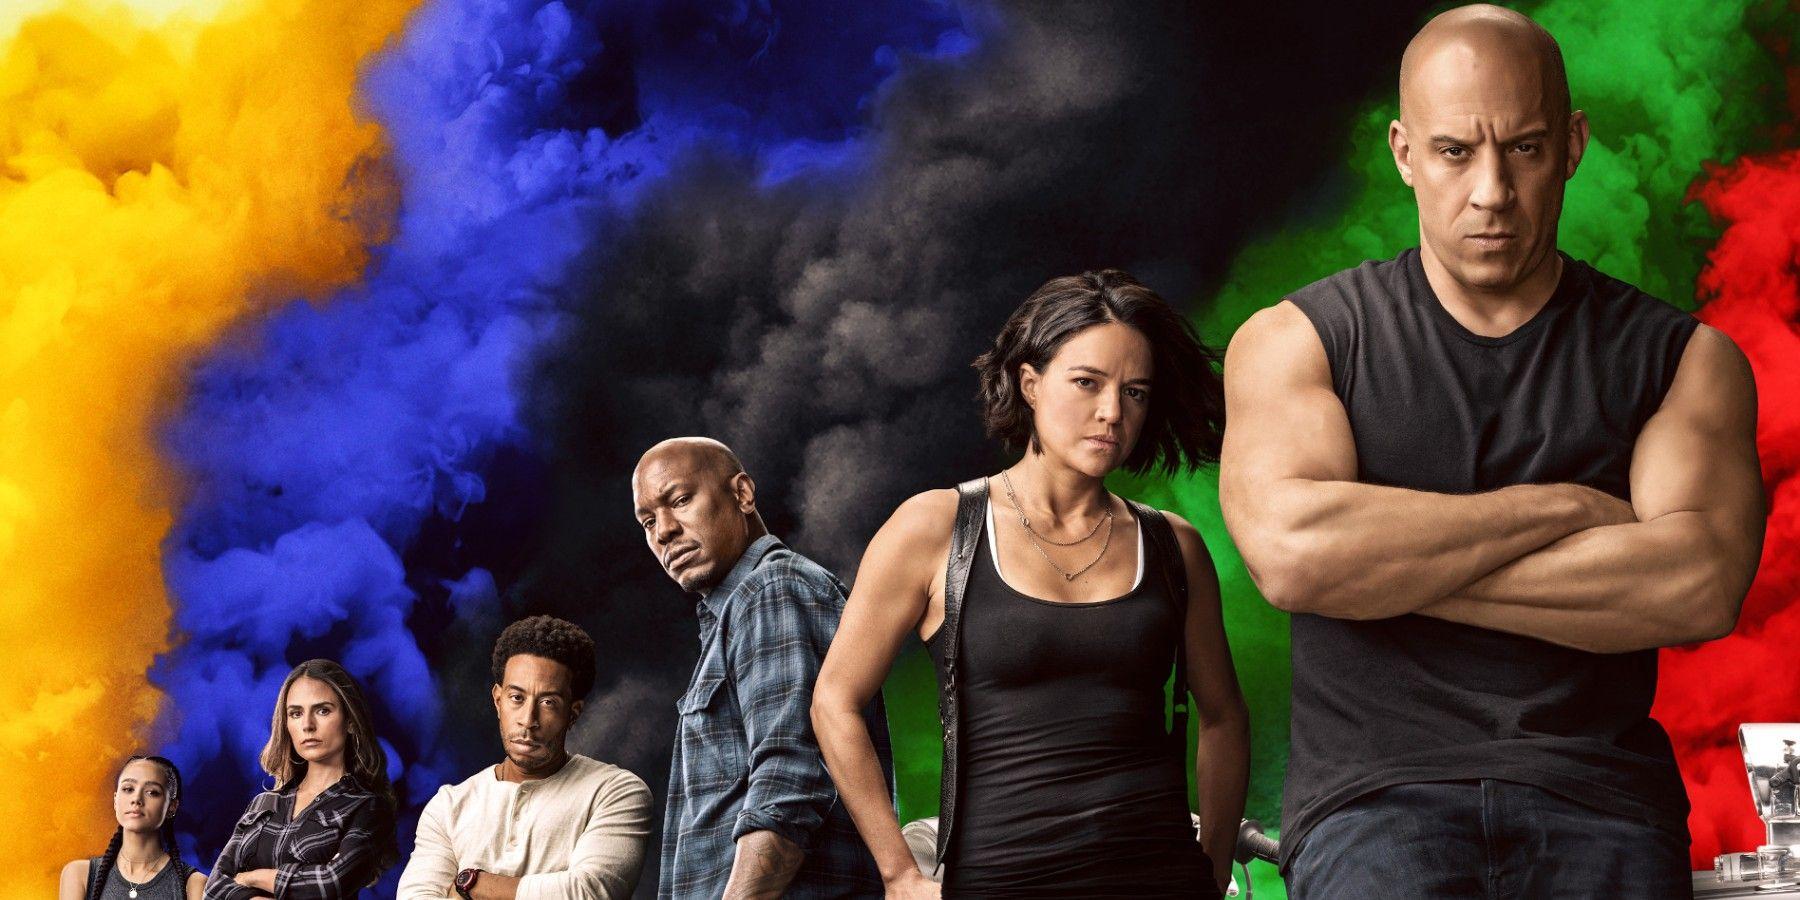 Vin Diesel afirma que 'Velozes e Furiosos 9' revelará a história da origem de Dom Toretto 1